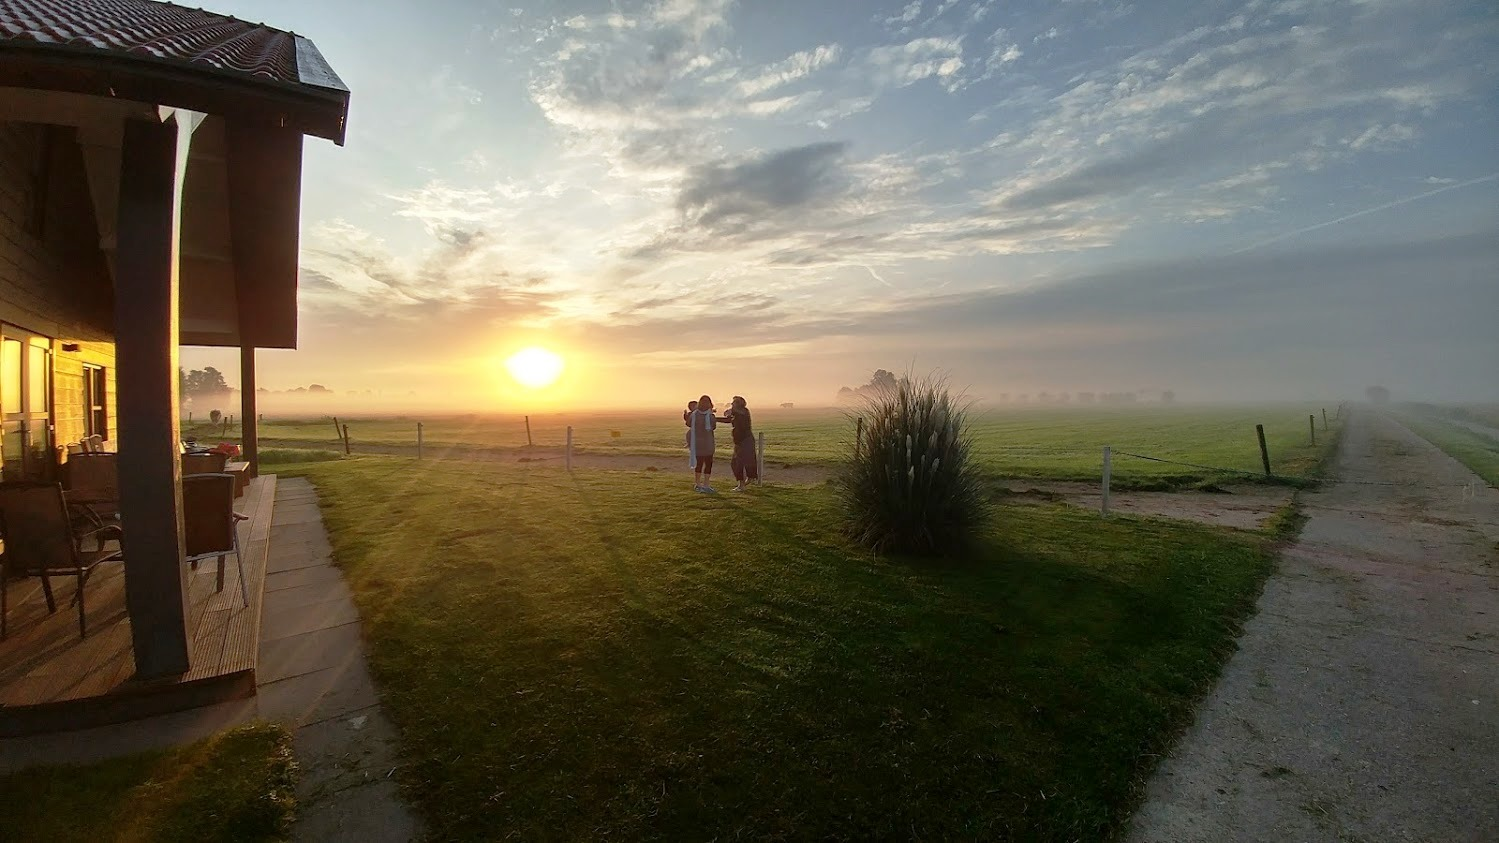 השדה הירוק בחזית הצימר בחווה בהולנד